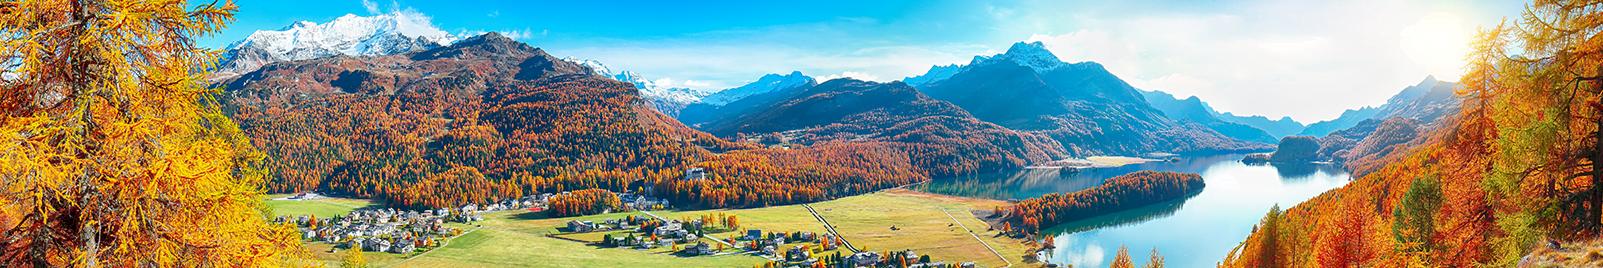 Sils im Engadin Switzerland